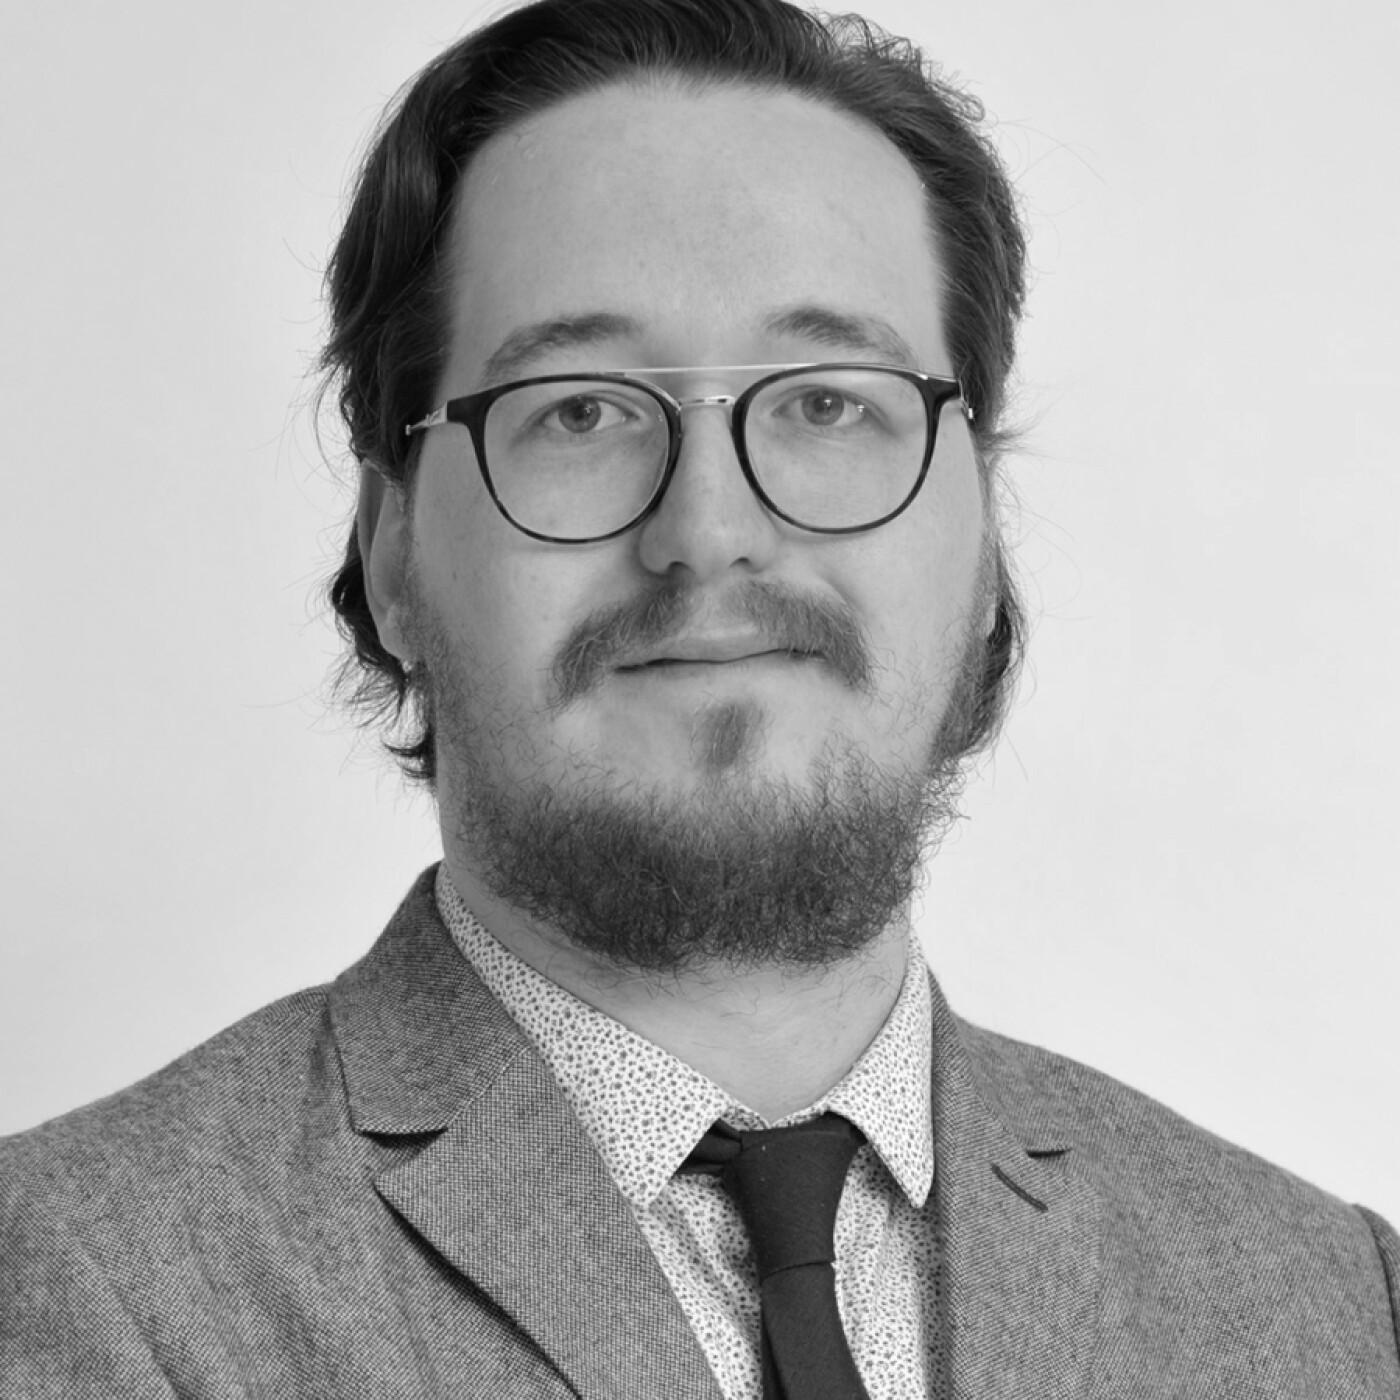 Philippe Dubois, spécialiste politique, parle des élections fédérales de lundi prochain au Canada - 16 09 2021 - StereoChic Radio